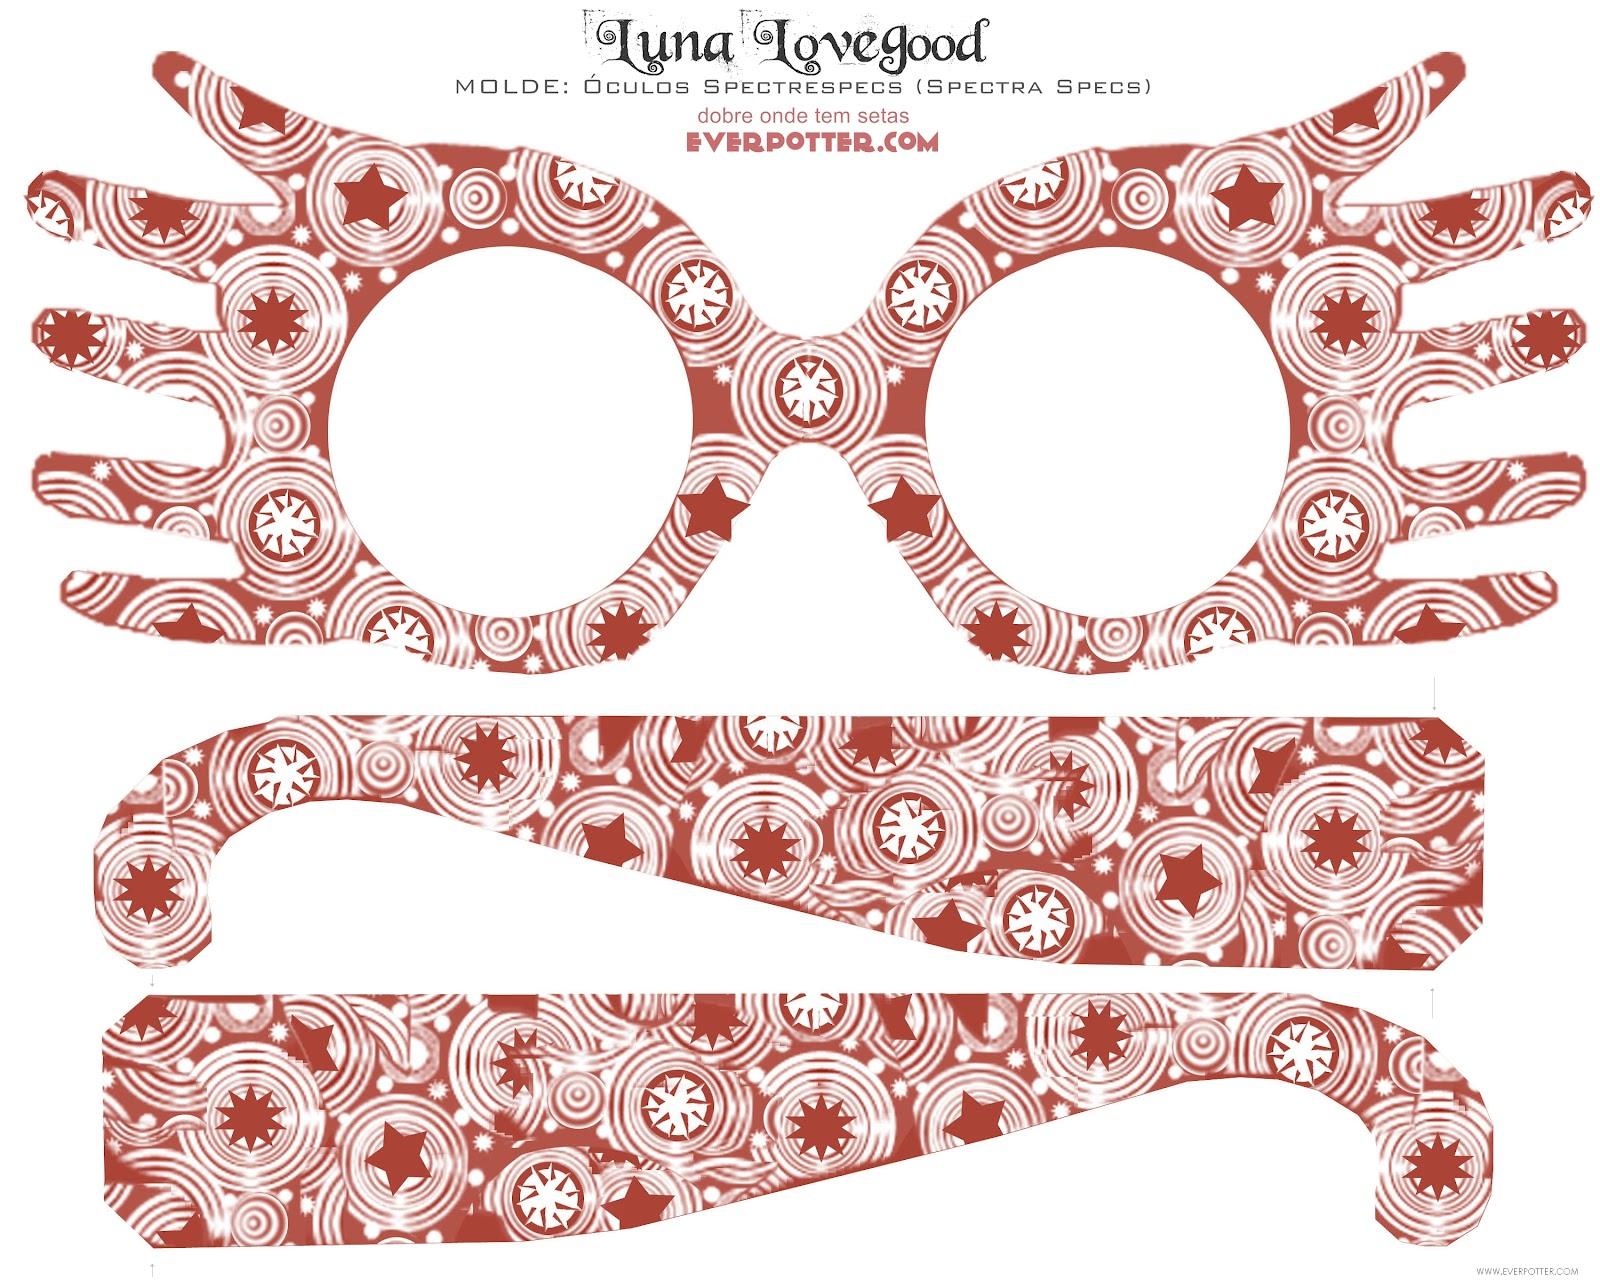 D.I.Y - Óculos da Luna Lovegood FUNCIONA ϟ | Spectrespecs ...